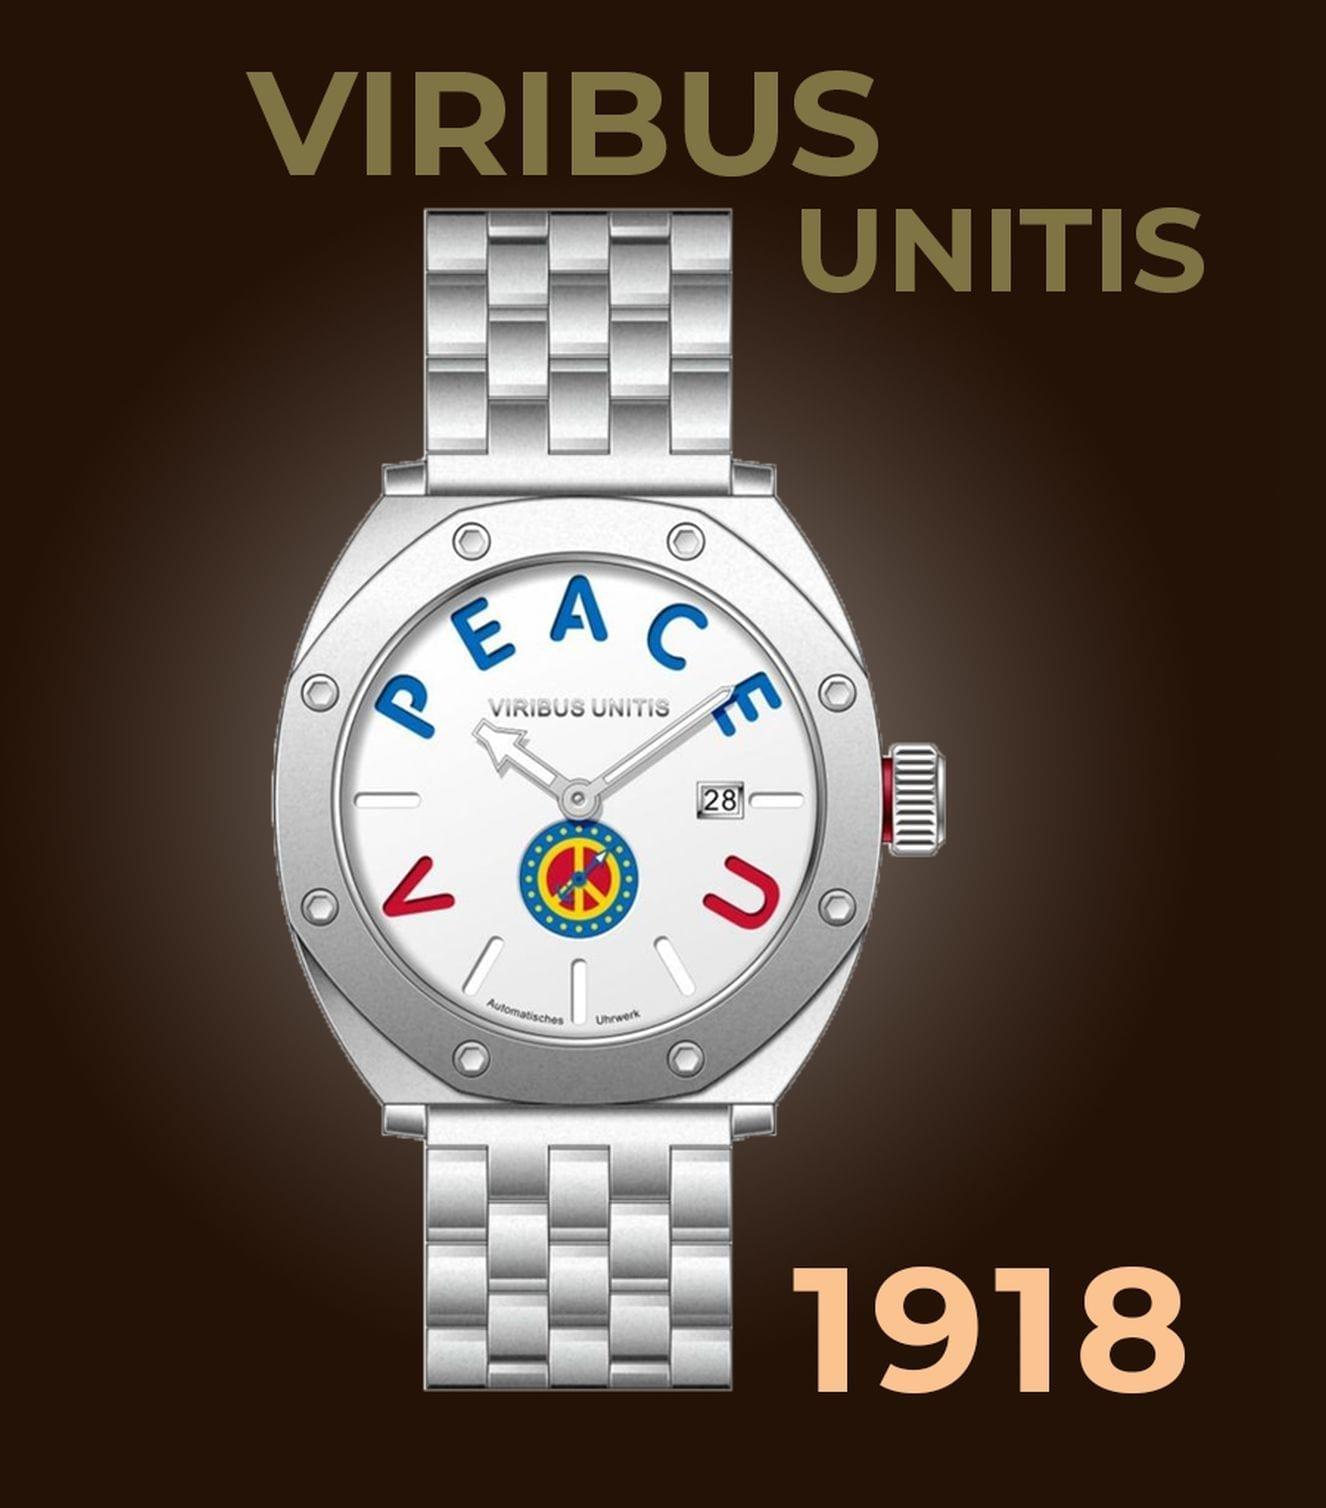 Viribus Unitis Watches 1918 Uhren aus Österreich